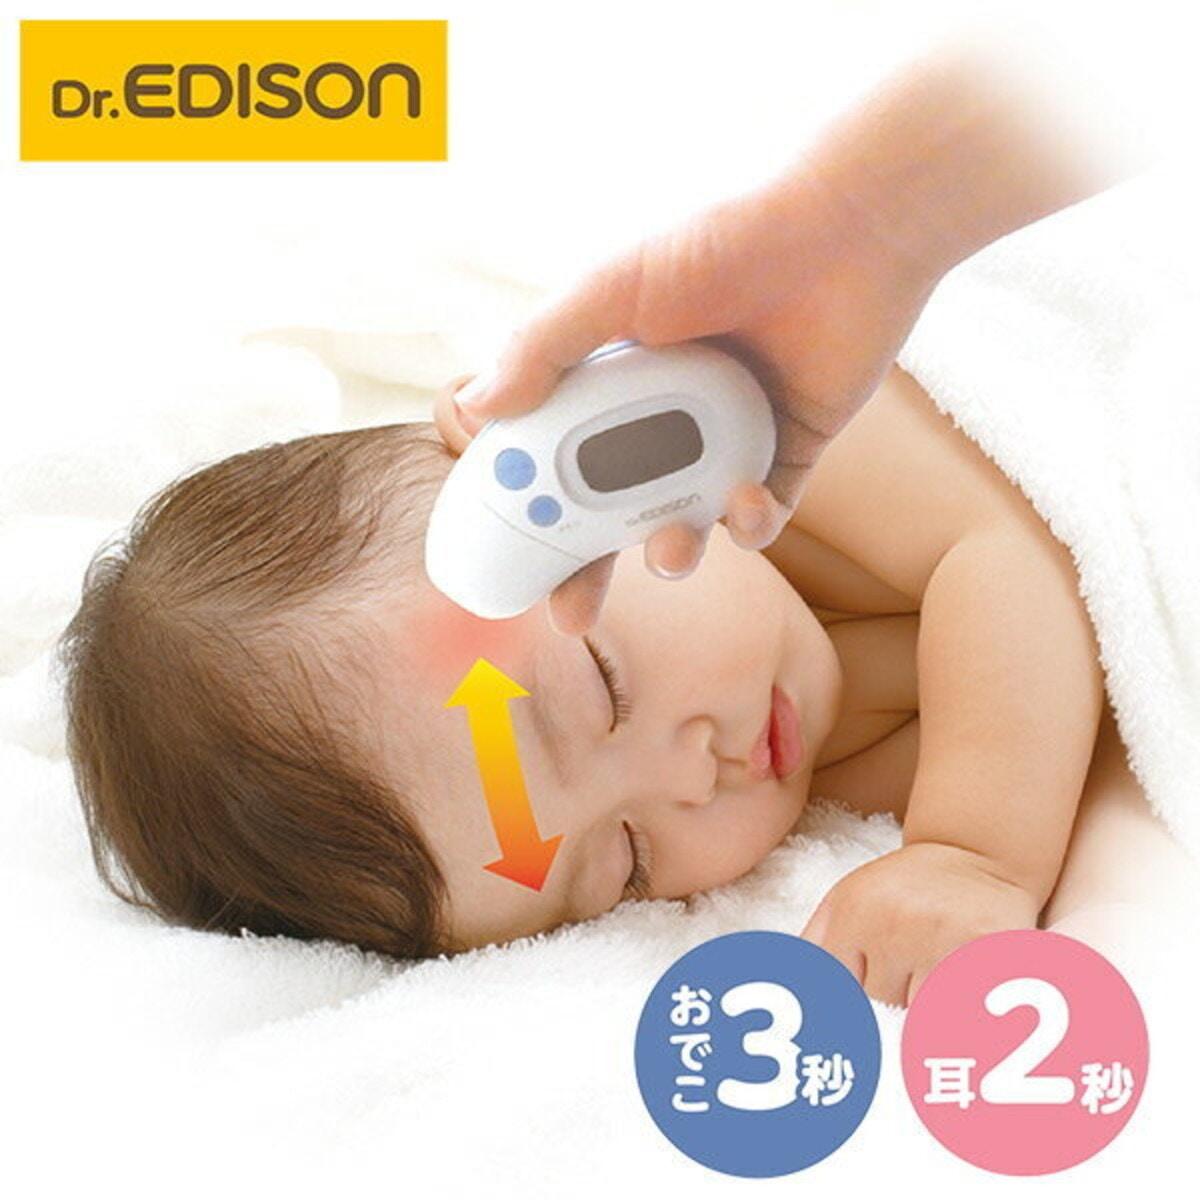 エジソンの体温計 さっと測れる2WAY体温計